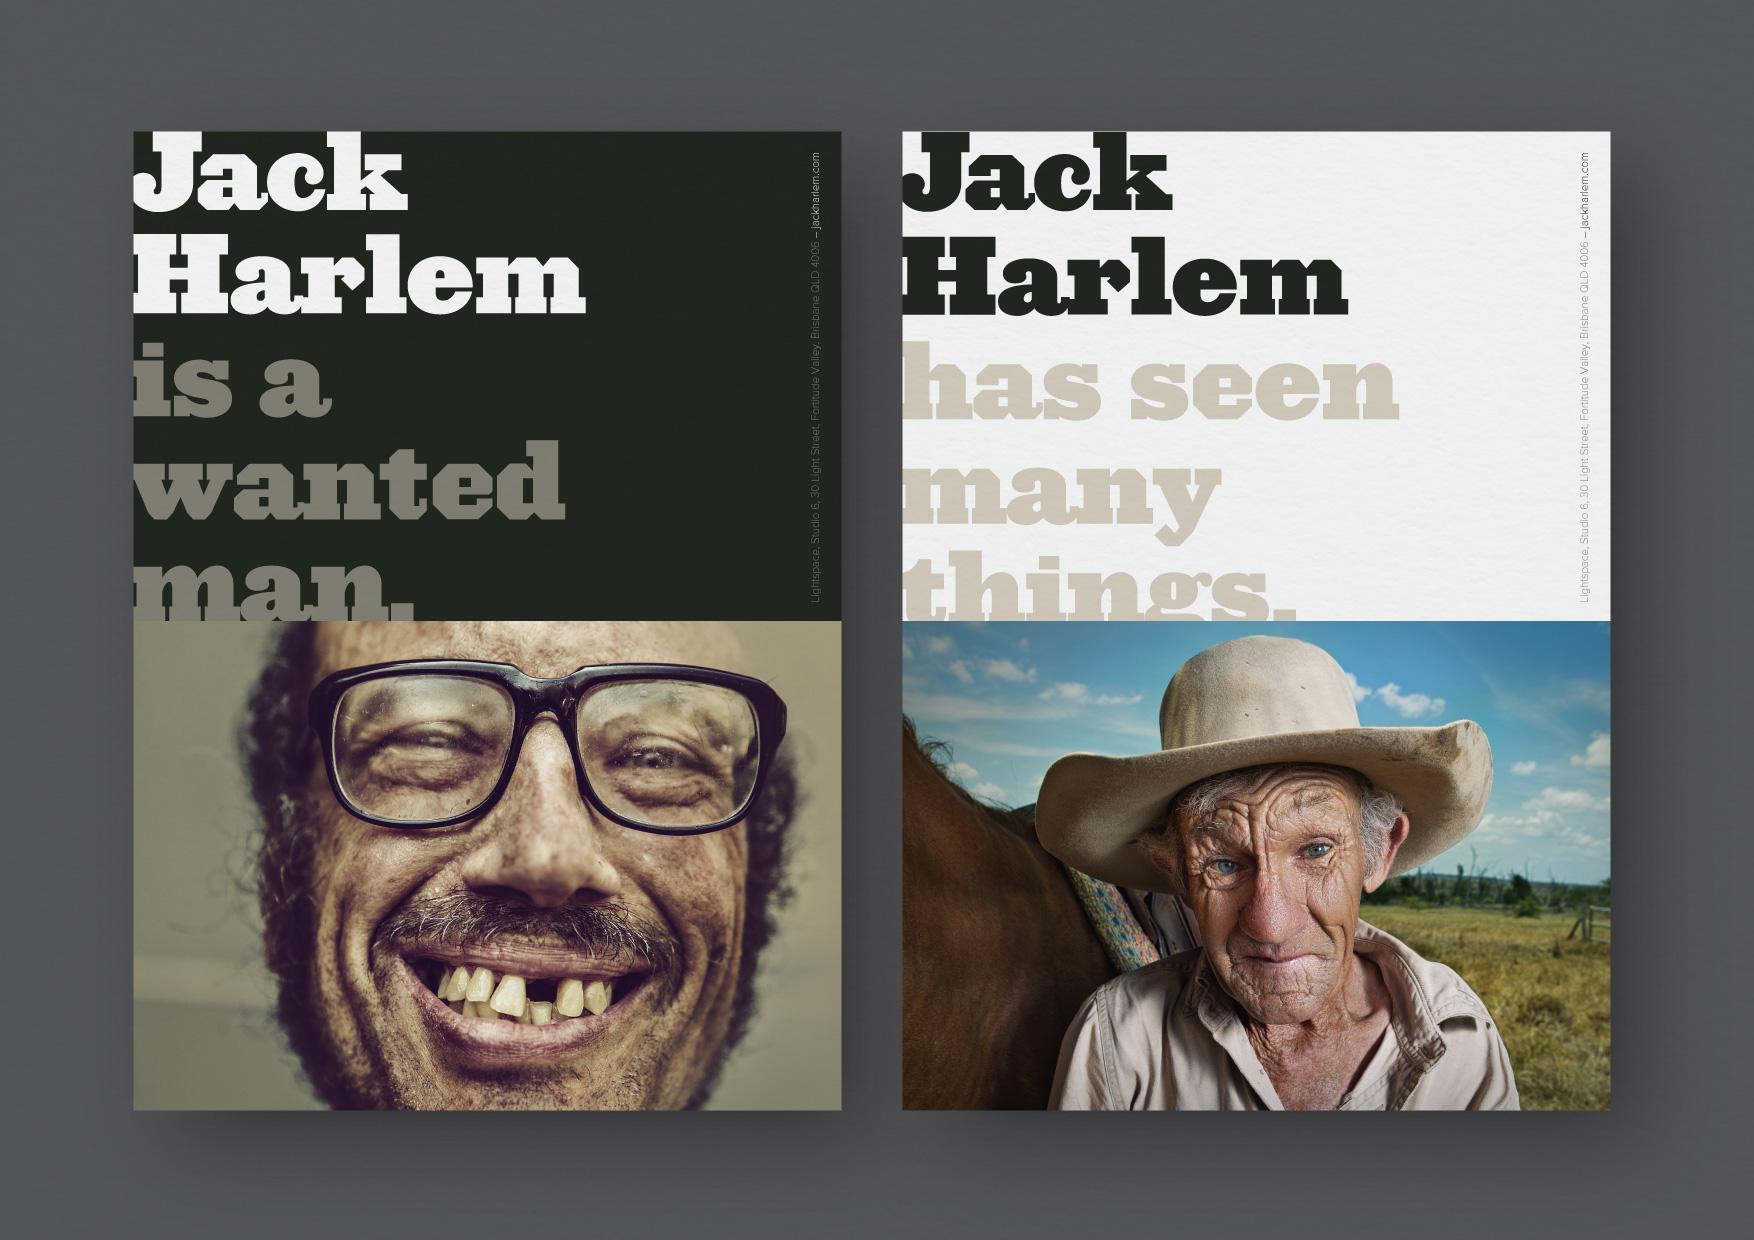 MBB_Jack Harlem-01.jpg